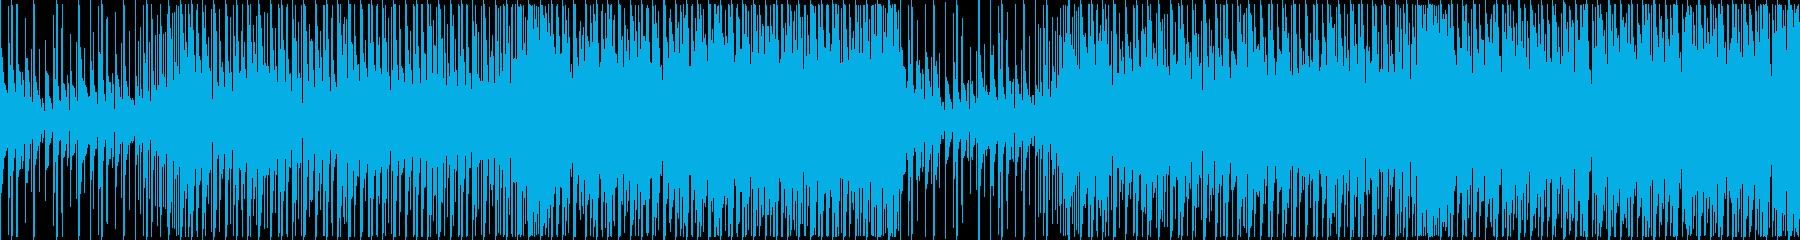 切ない雰囲気 トロピカルハウス、EDMの再生済みの波形